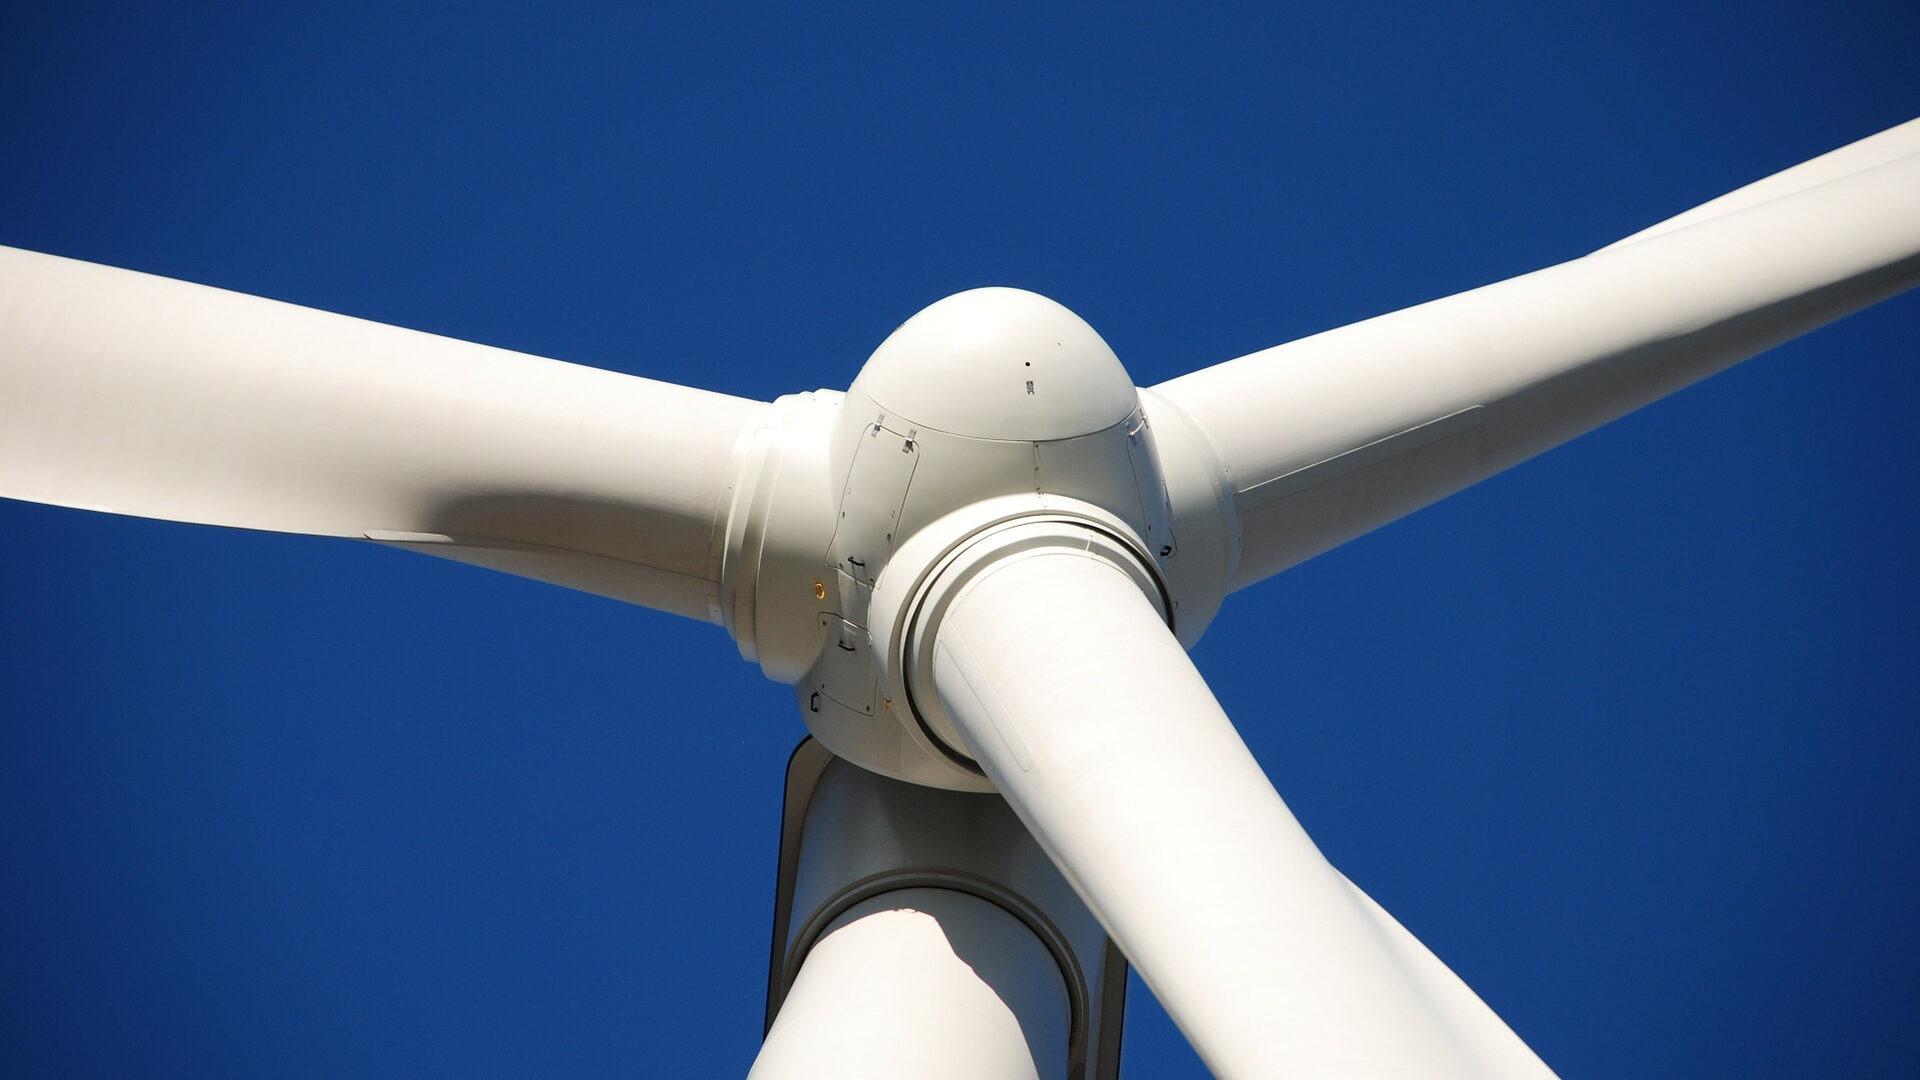 De vervanging van verouderde windturbines